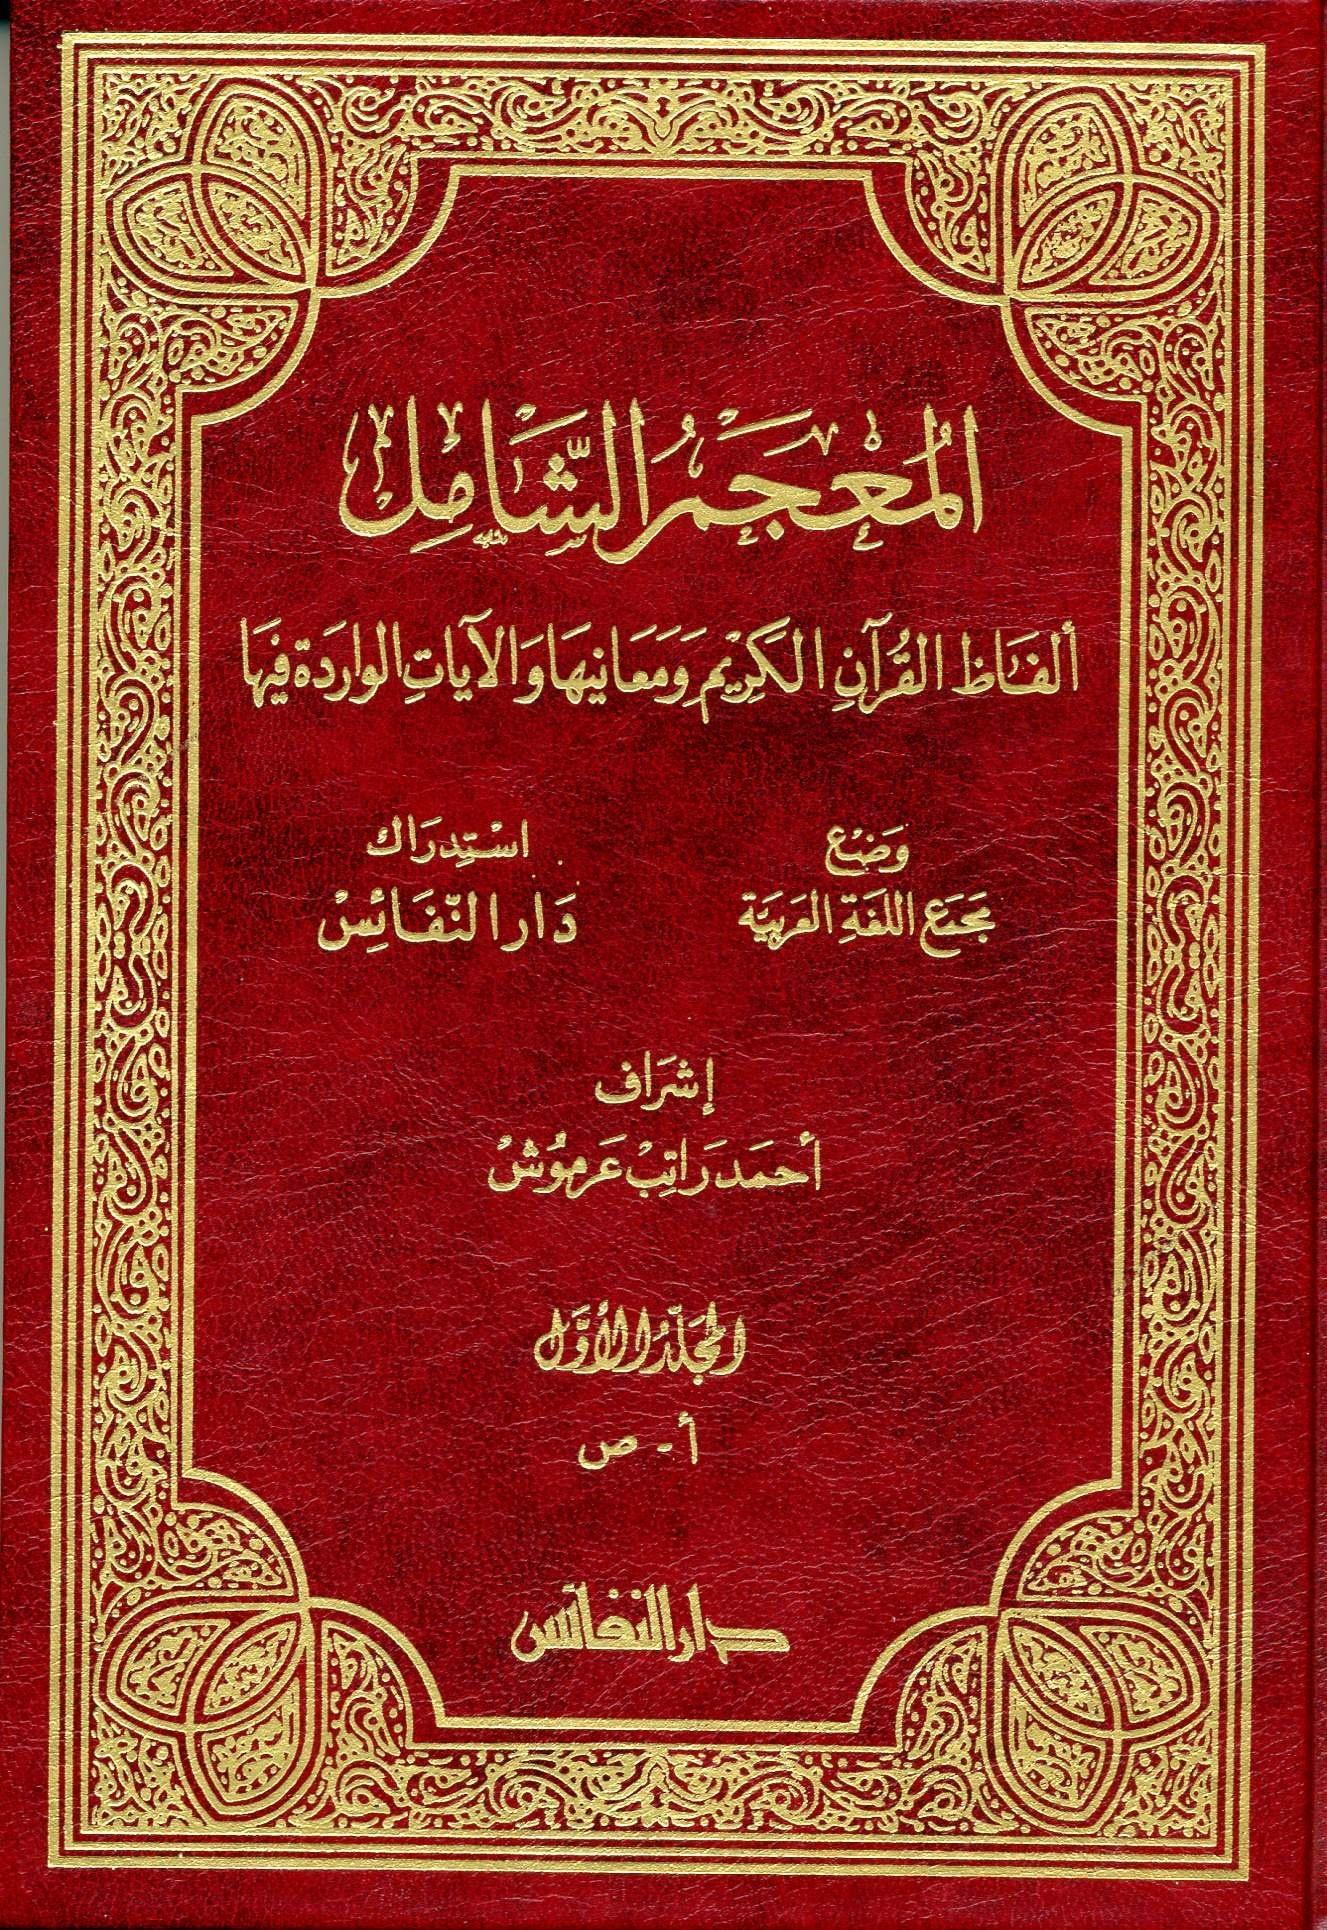 المعجم الشامل - مجلدان  by  مجمع اللغة العربية